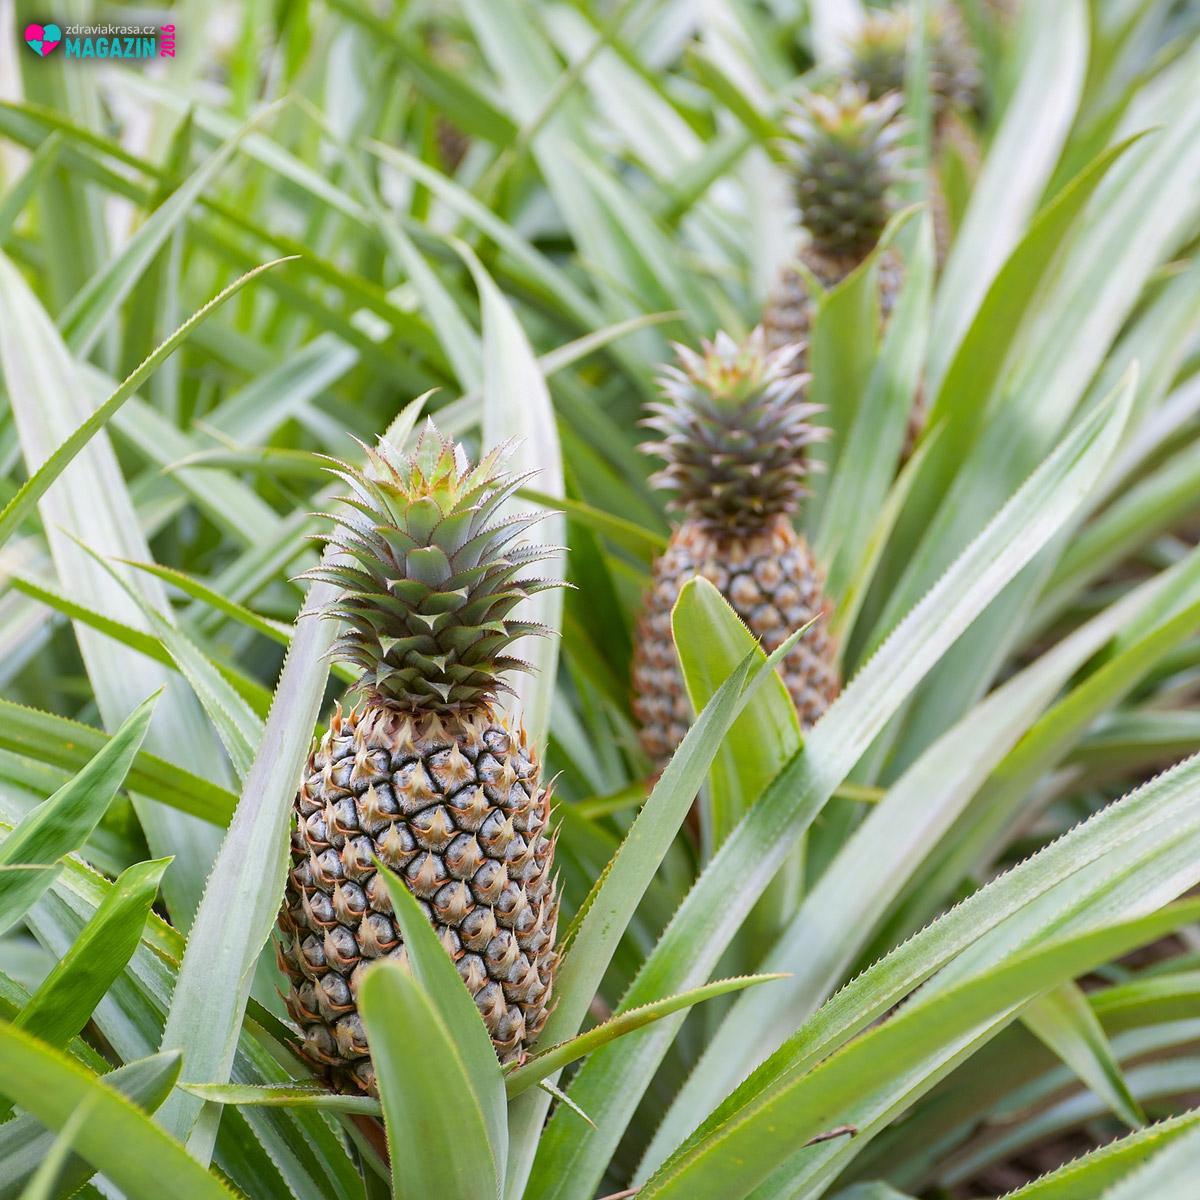 Účinný enzym bromelin se získává se zeleného rostoucího stonku a z dužiny ananasu.